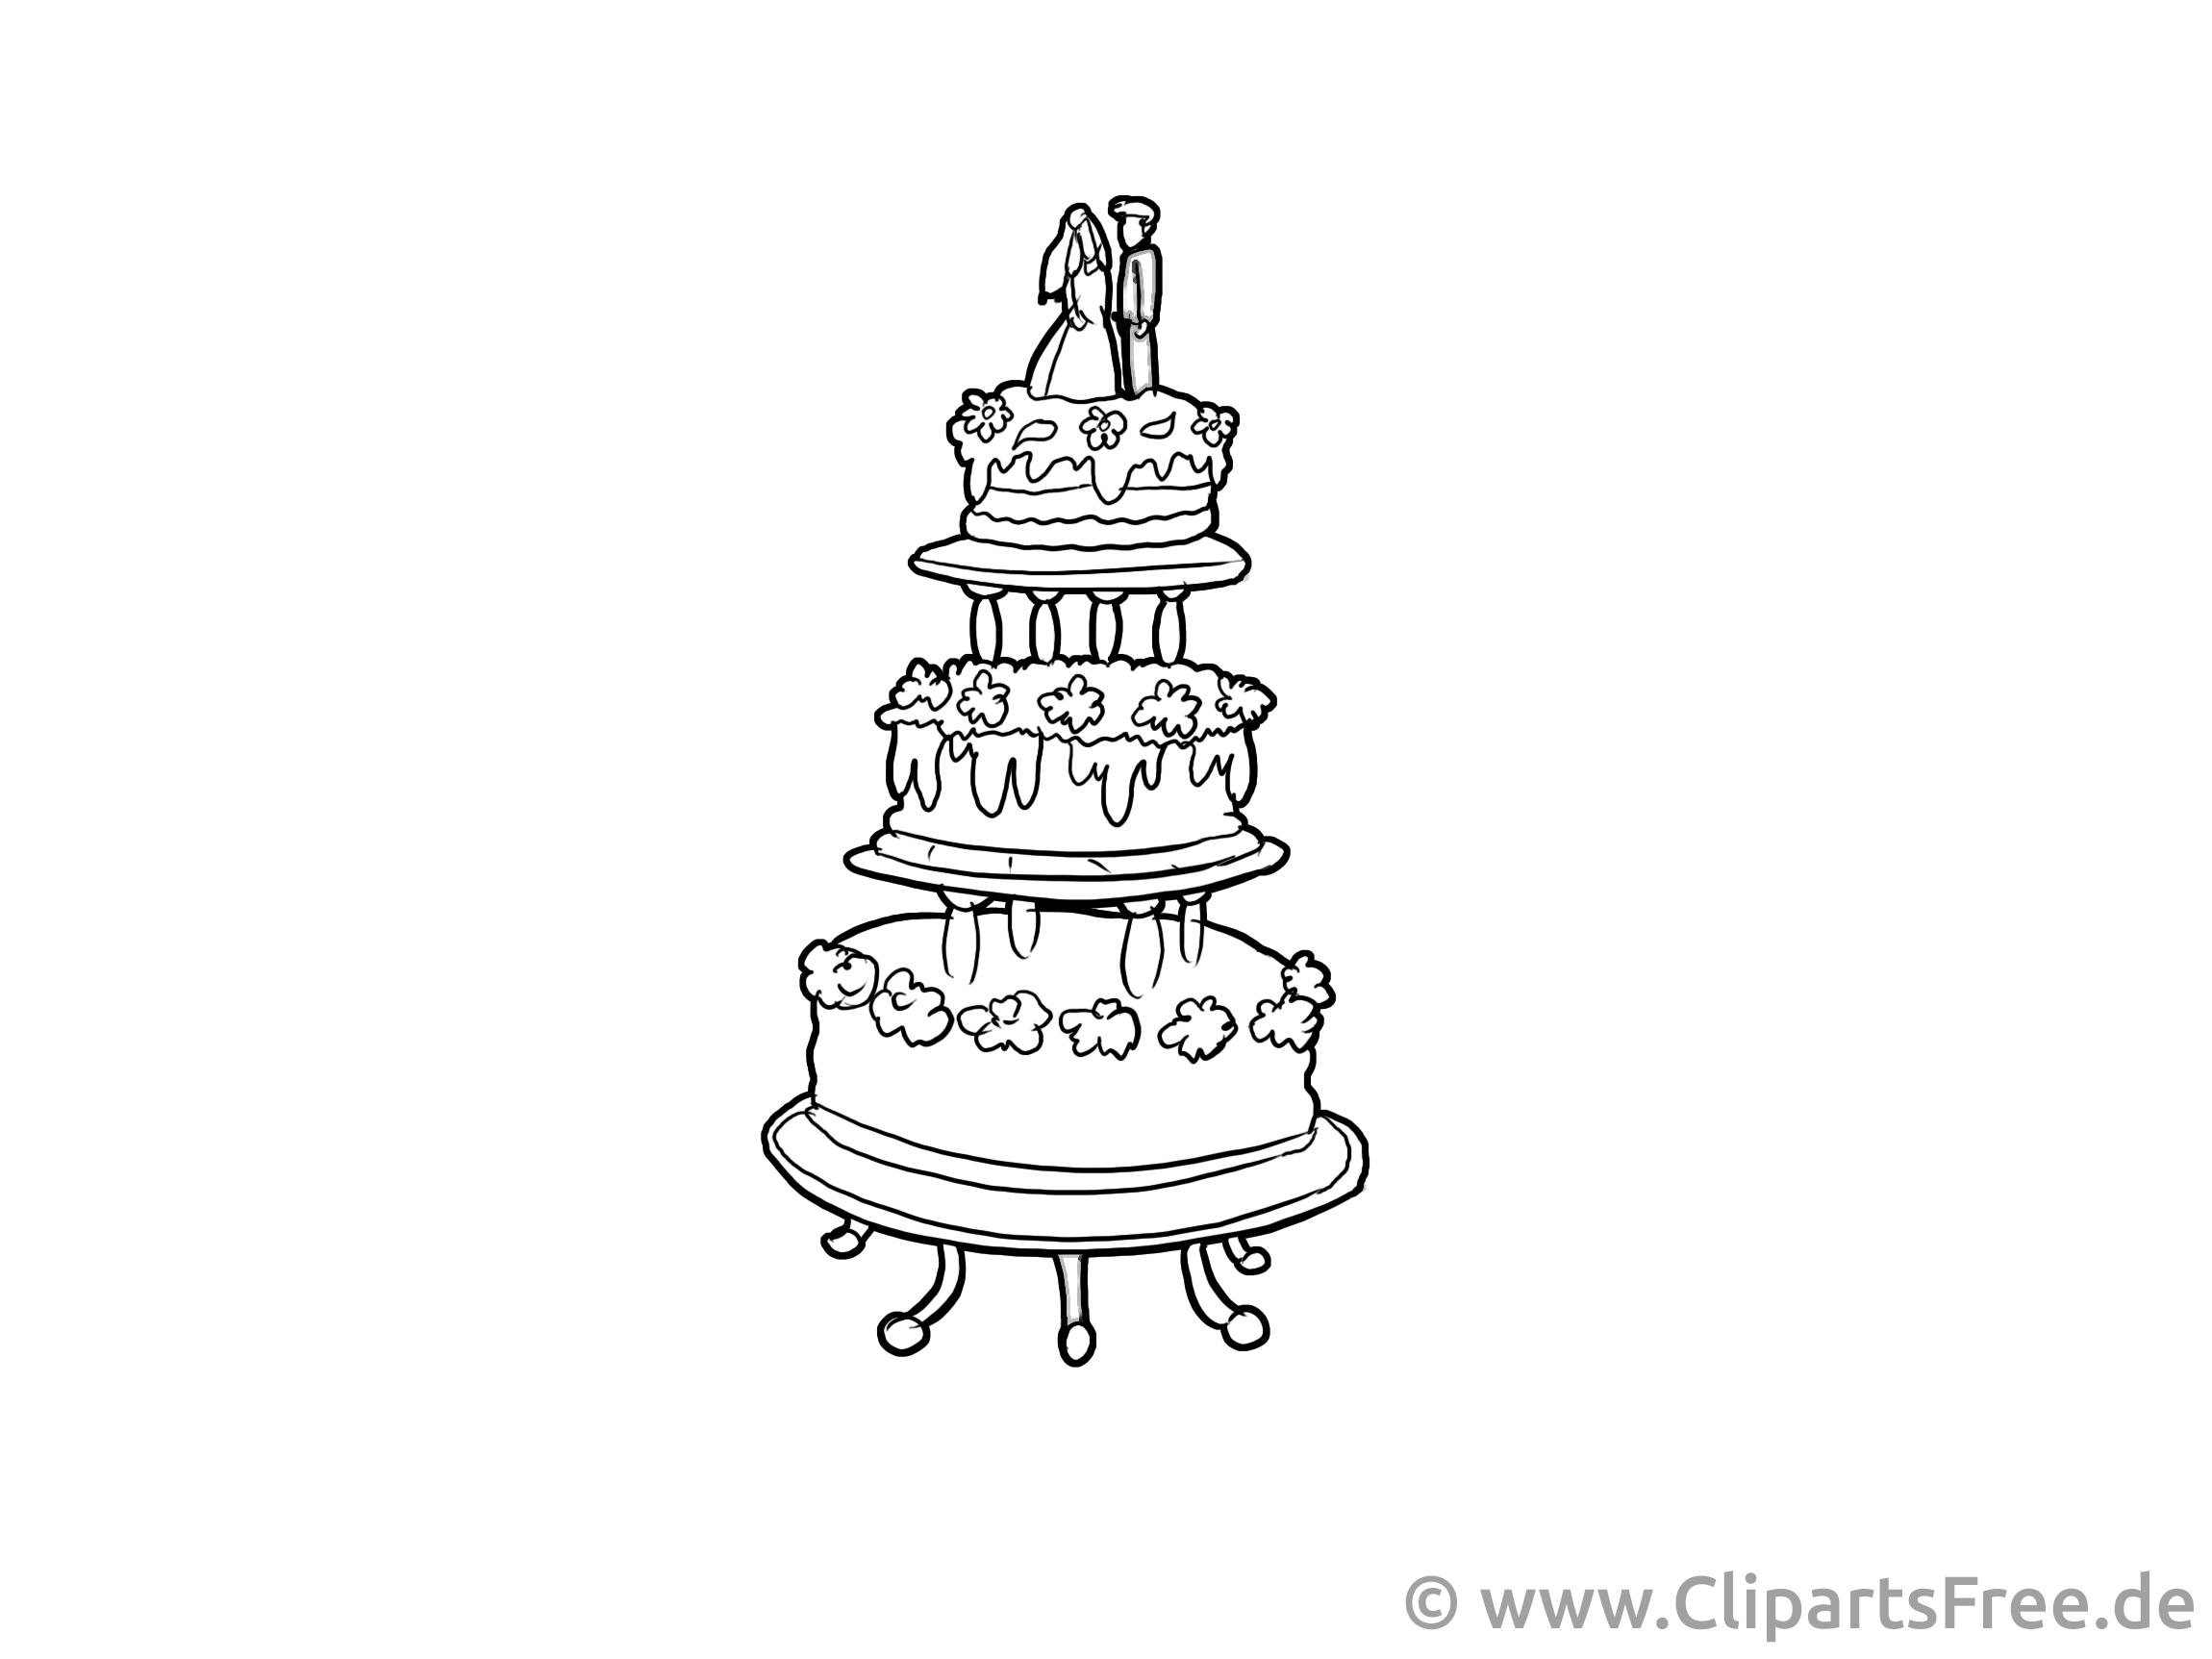 Cliparts à imprimer gâteau - Mariage images